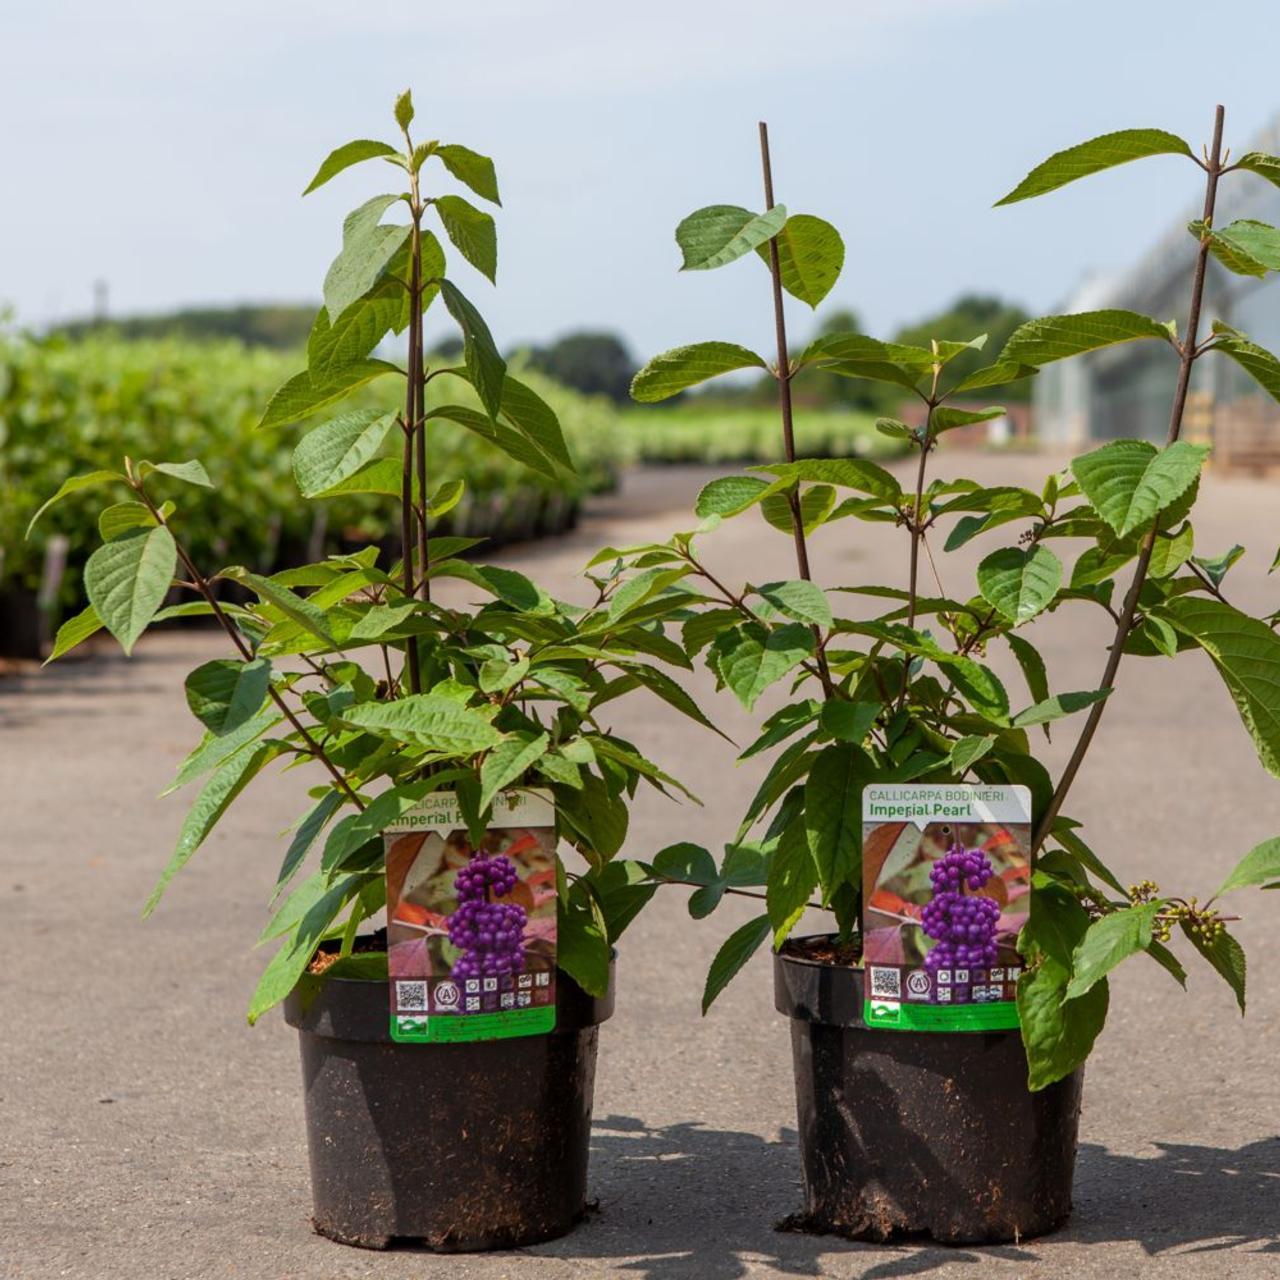 Callicarpa bodinieri 'Imperial Pearl' plant